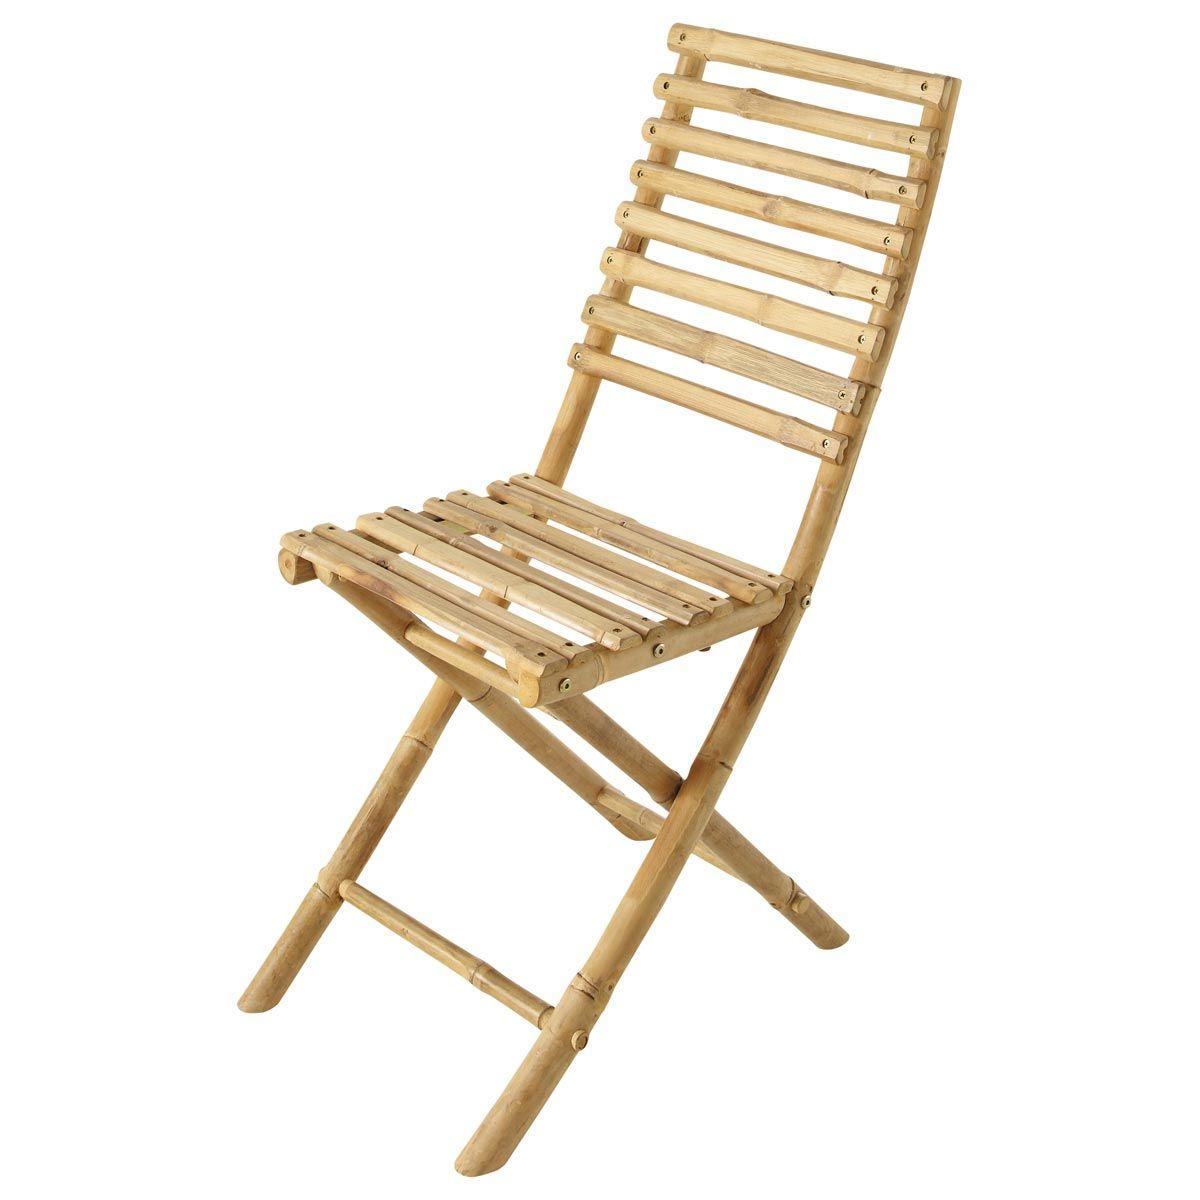 €15 Maisons Du Monde Chaise Pliante De Jardin Bambou ... tout Chaise De Jardin Maison Du Monde